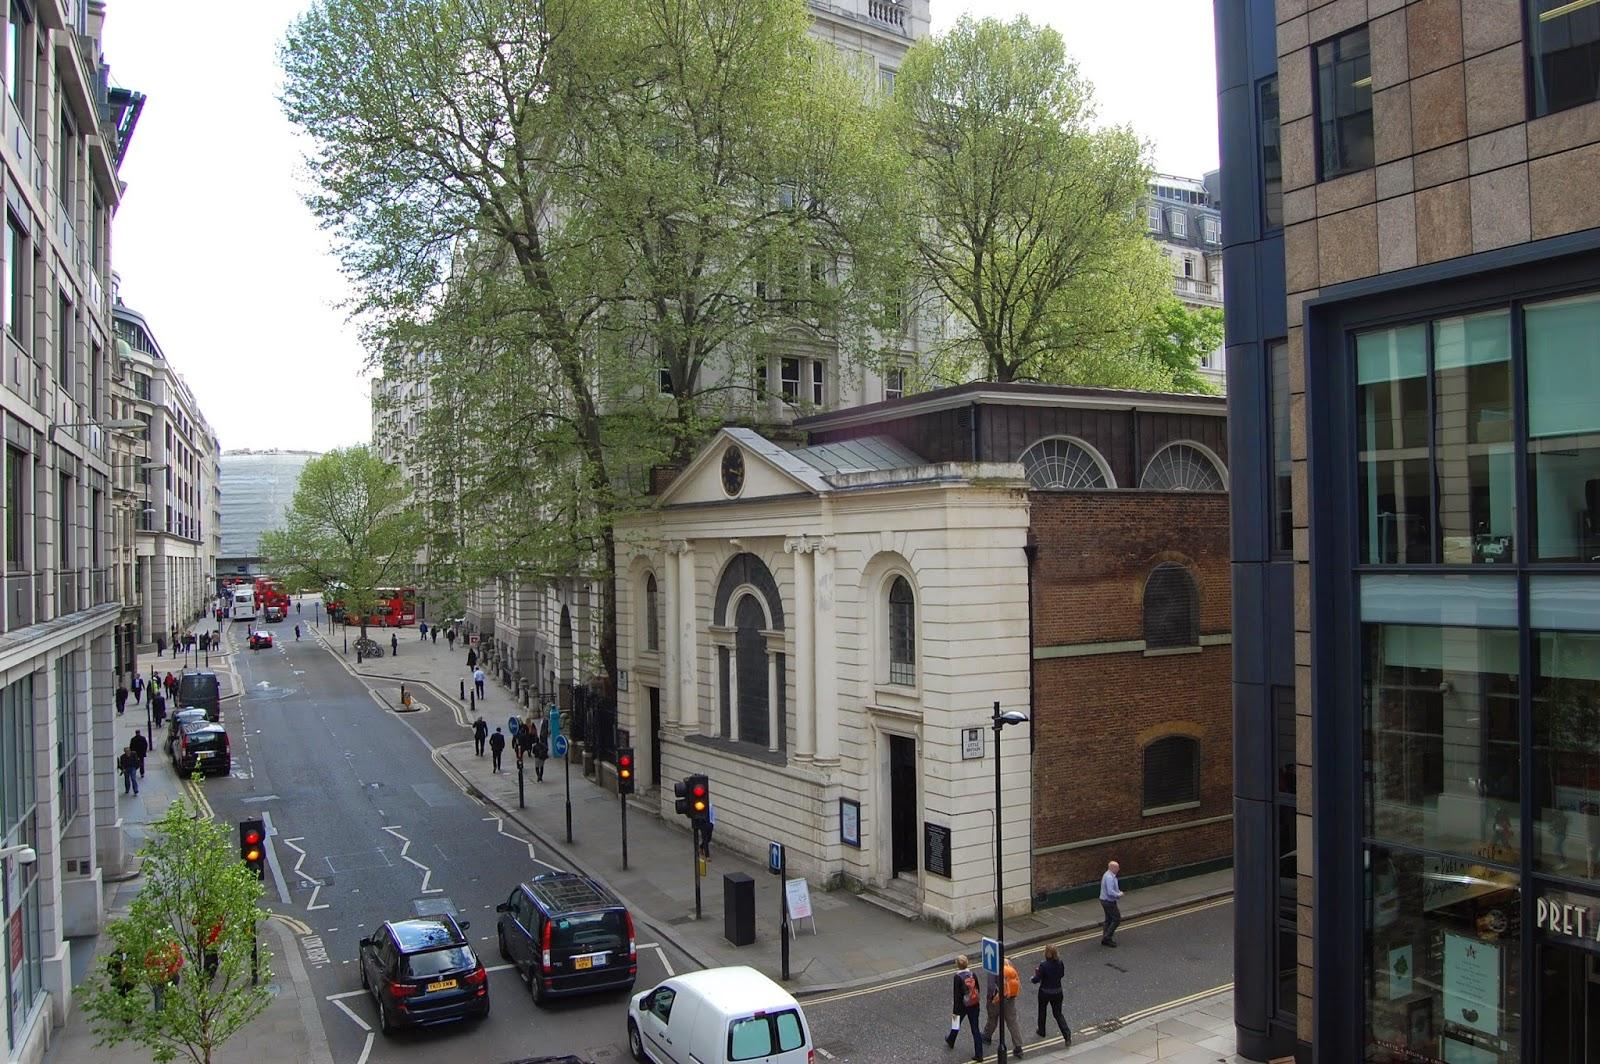 Aldersgate Street as it is today